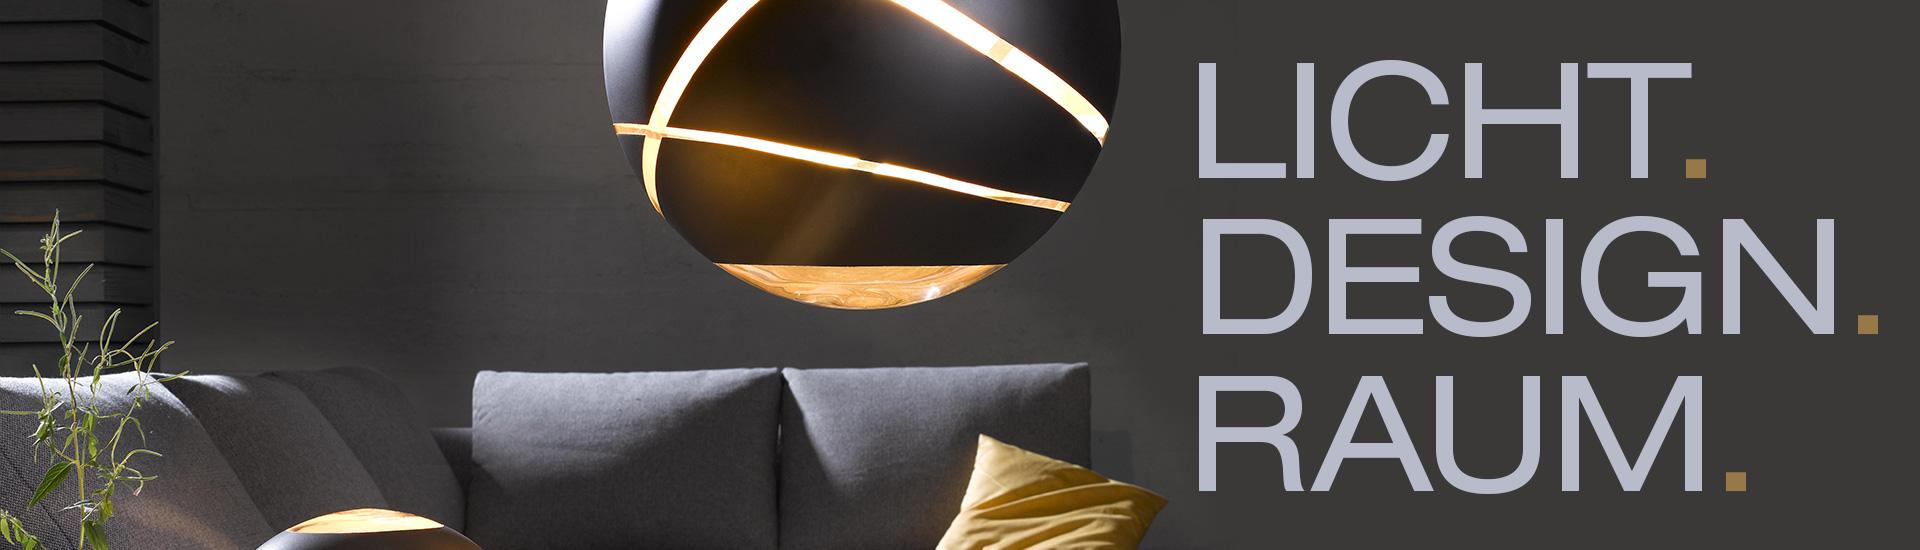 Licht. Design. Raum. | Möbel Schulze